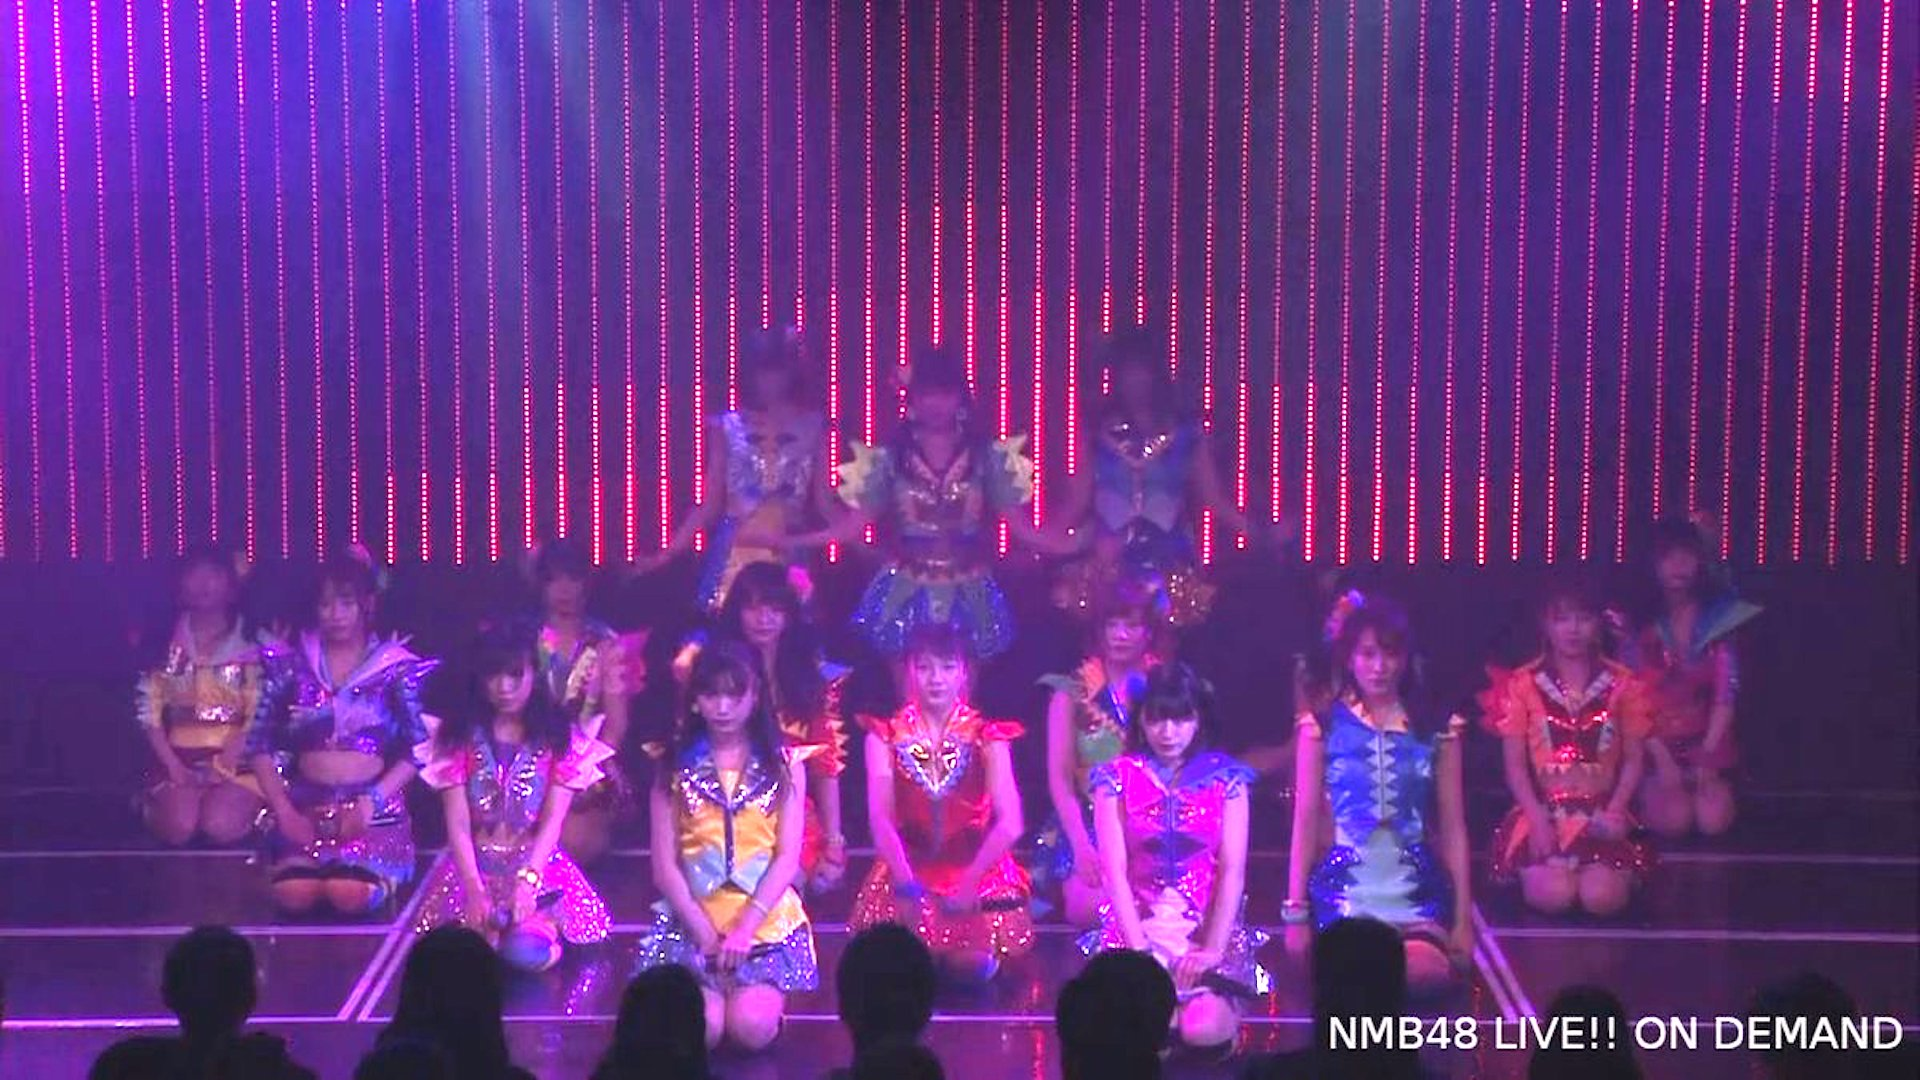 【NMB48】「ここにだって天使はいる」公演千秋楽で「床の間正座娘」カトレア組バージョンを披露。